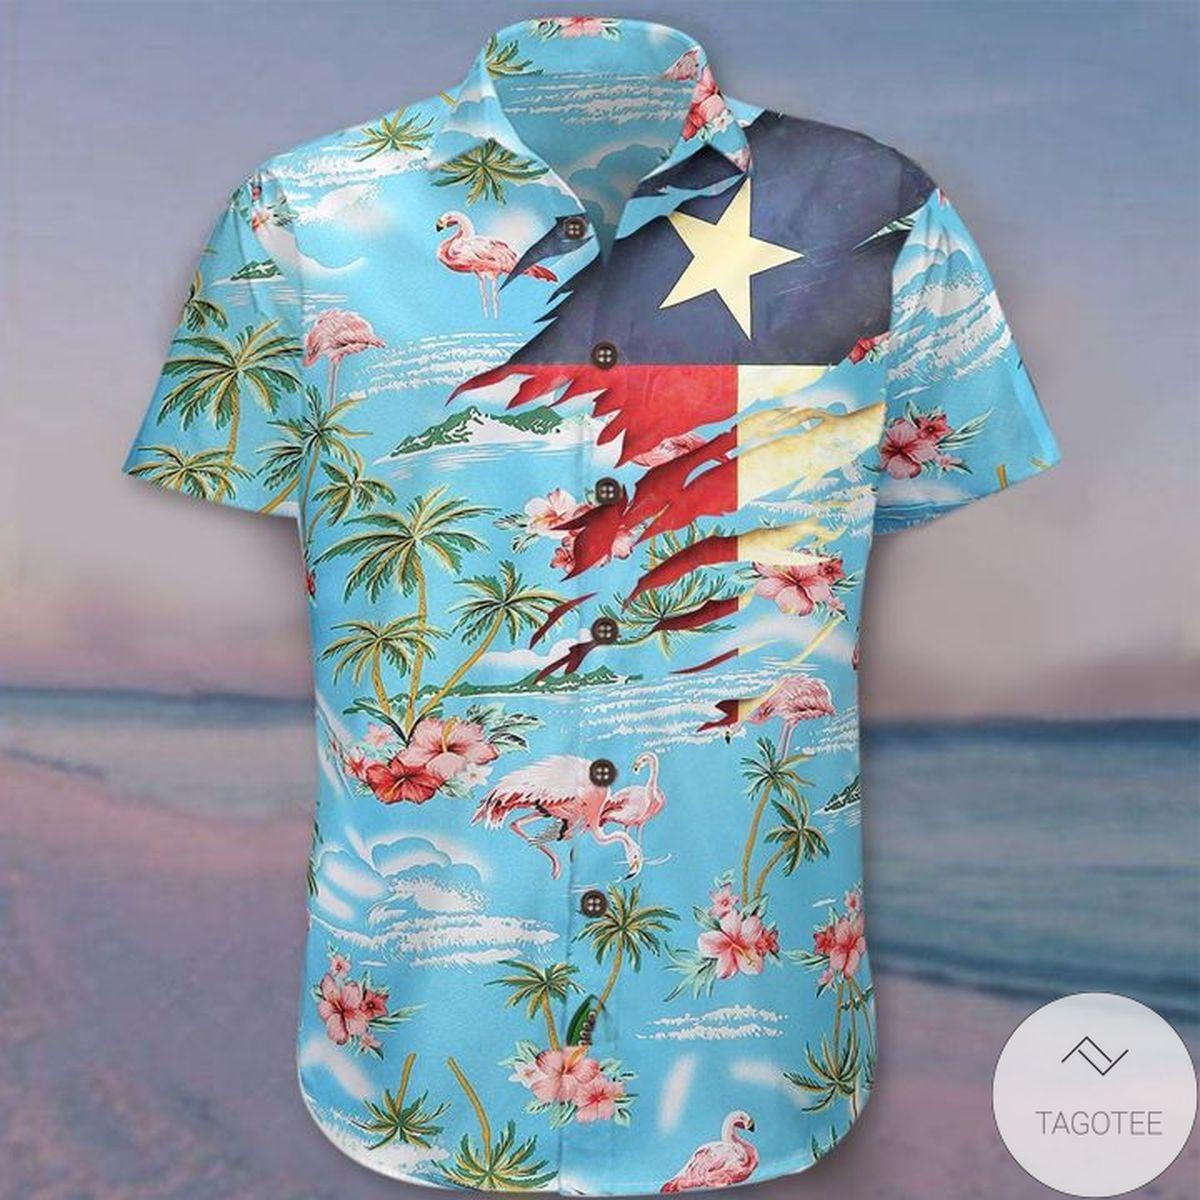 Flamingo Summer Beach Texas Hawaiian Shirt